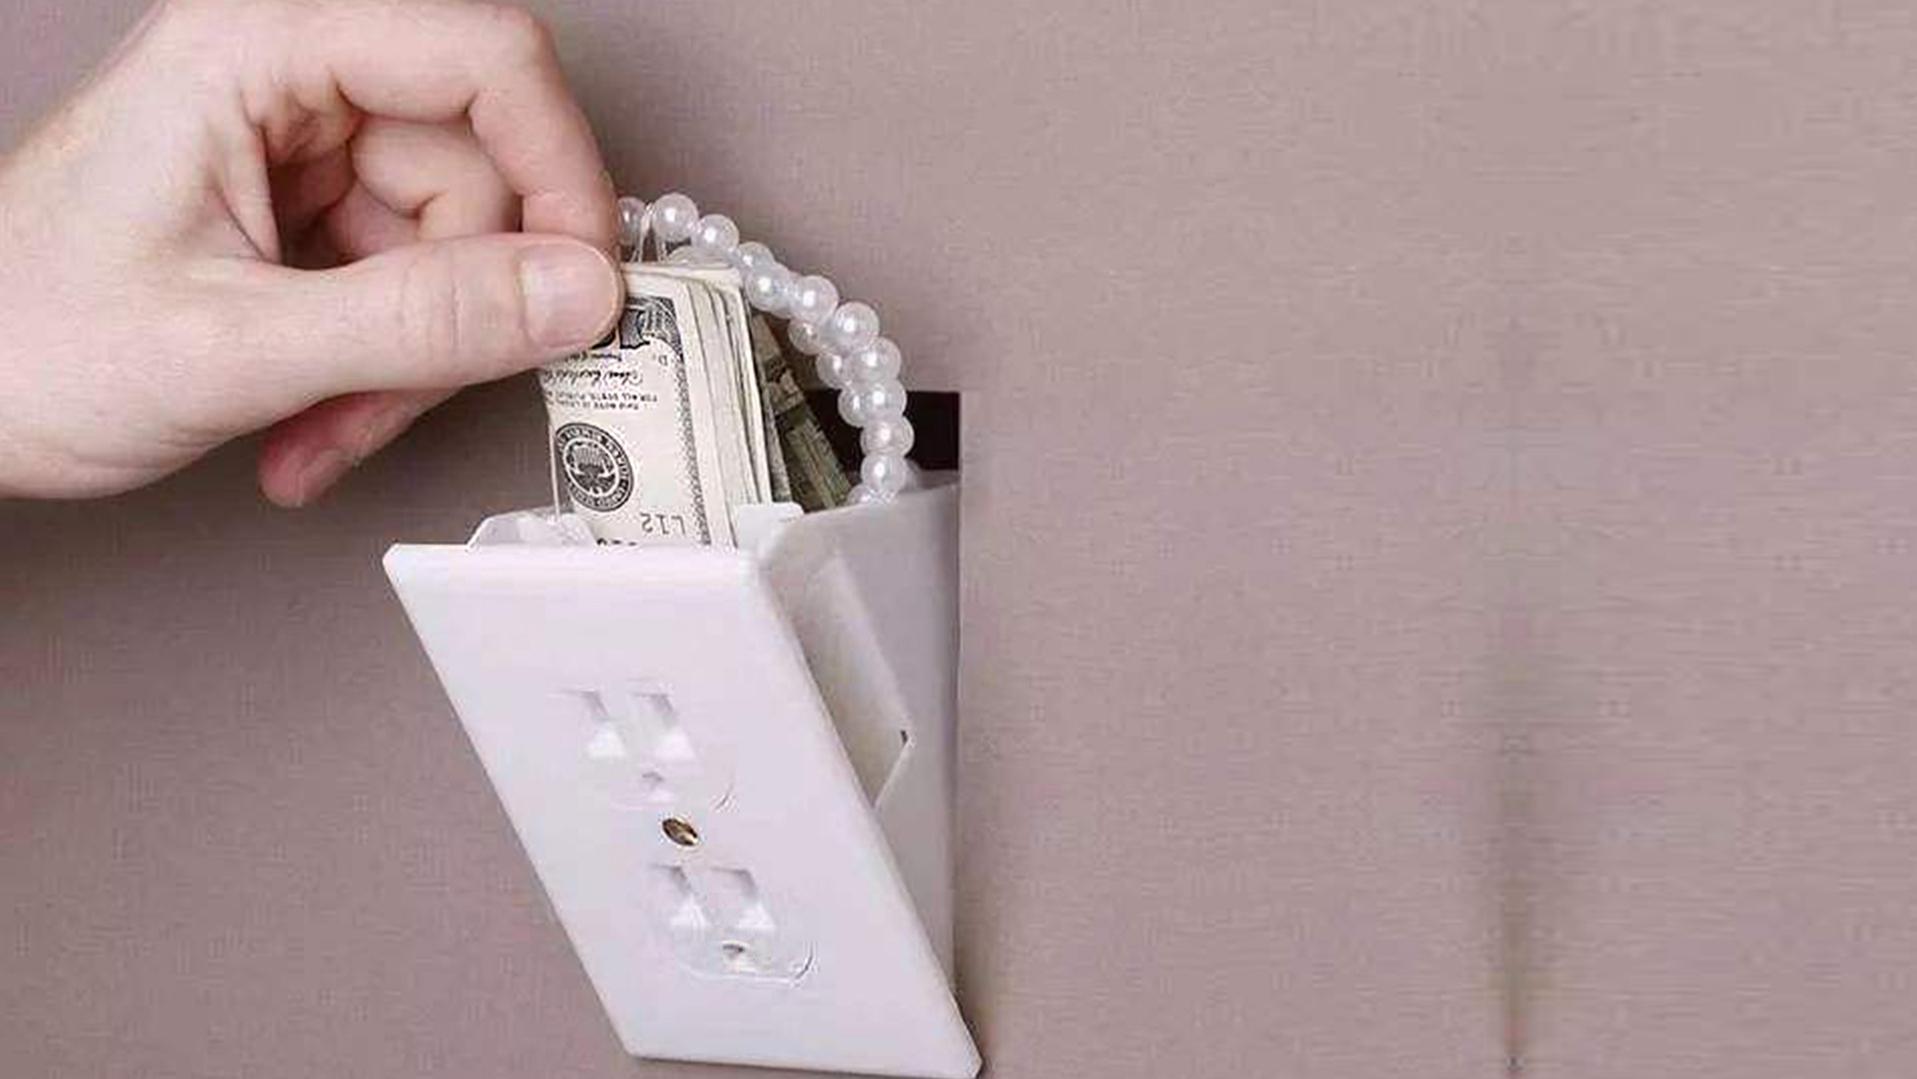 插座里暗藏保险柜,放个私房钱比银行更安全,小偷怎么也偷不走